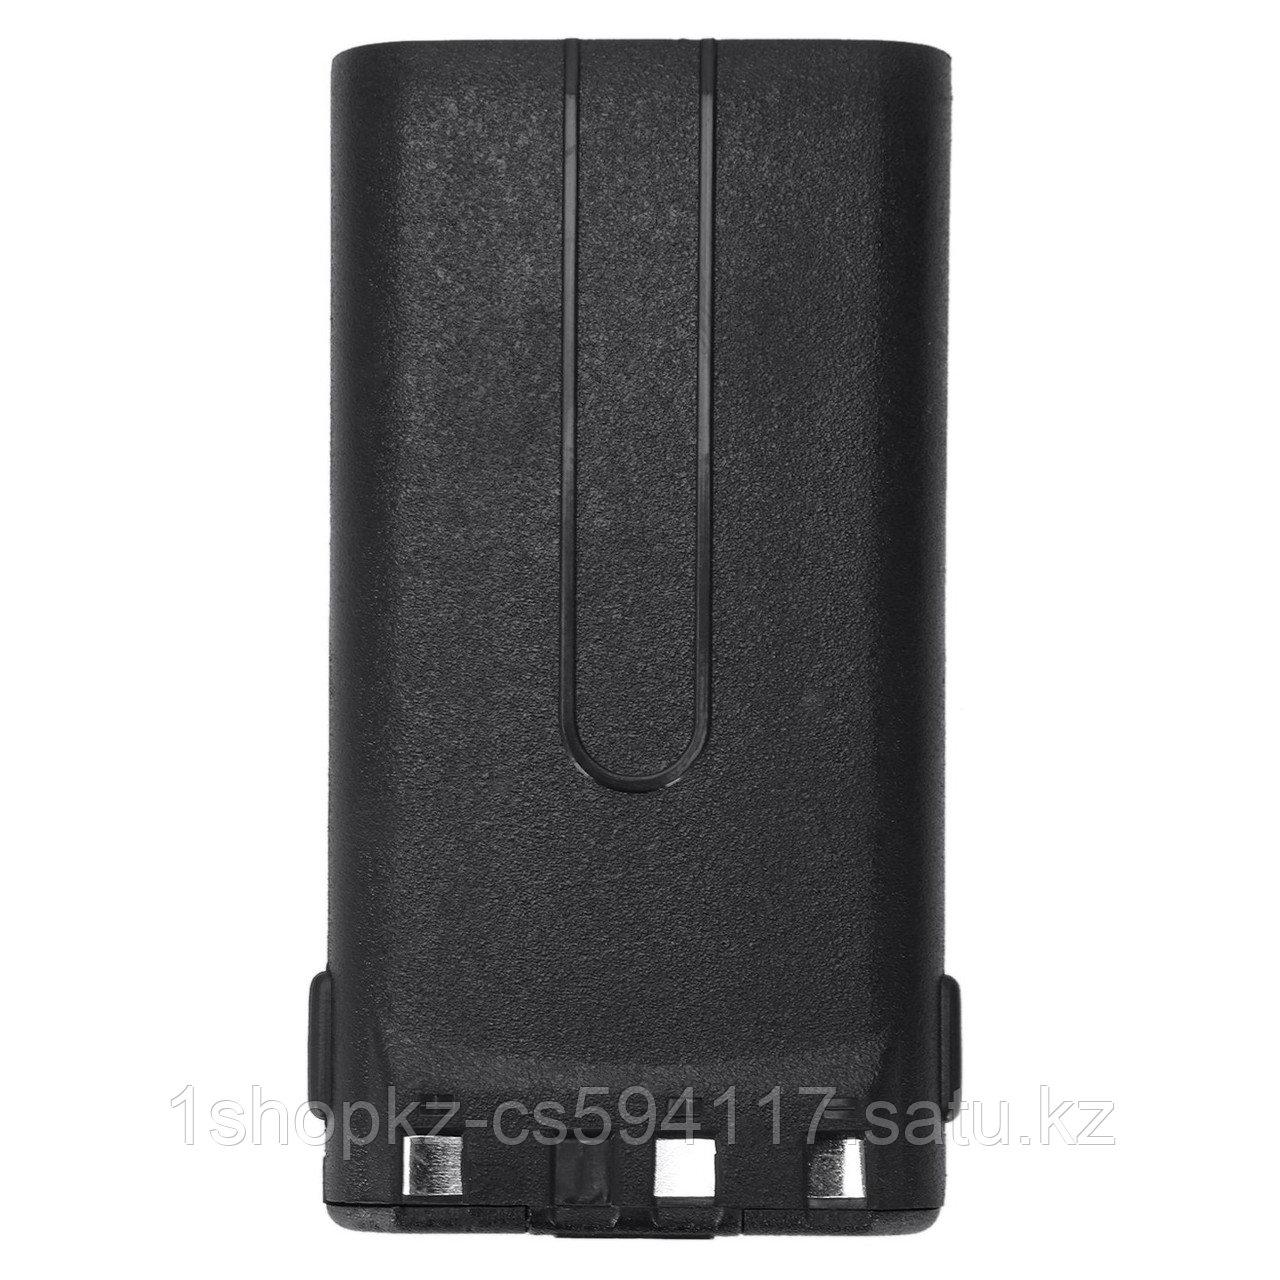 Аккумулятор KNB-14 для Kenwood TK-3107/2107